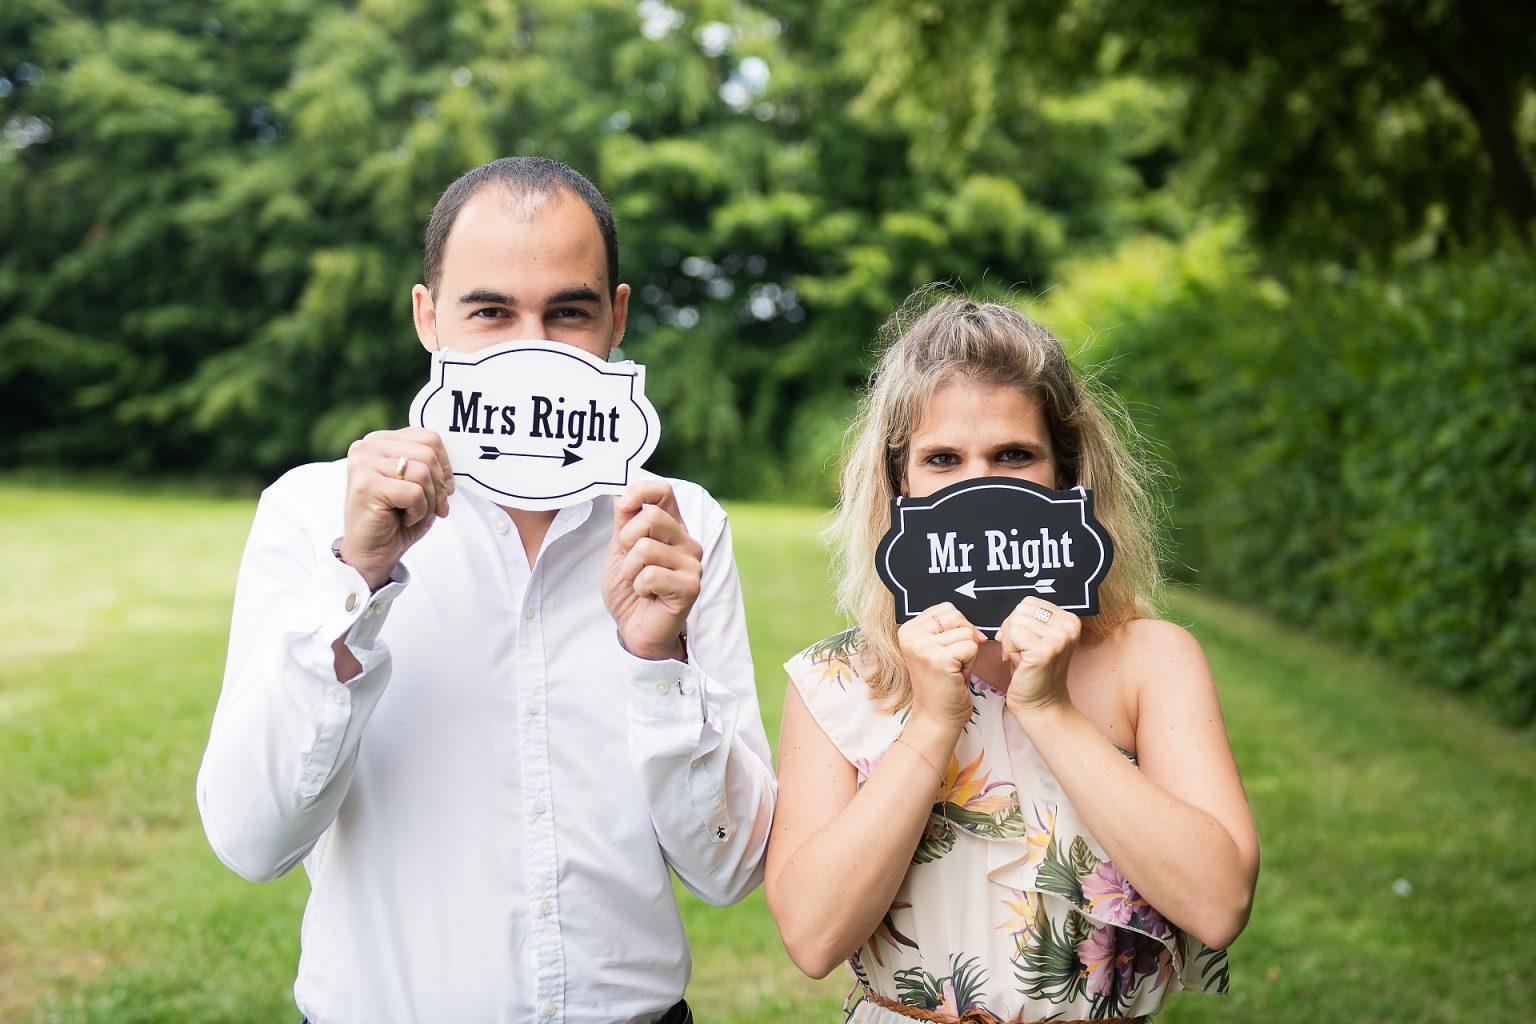 Coralie et David, un mois avant leur mariage, avec des accessoires sympas. Séance d'enagagement et reportage photographique par Aurore Delsoir photographe